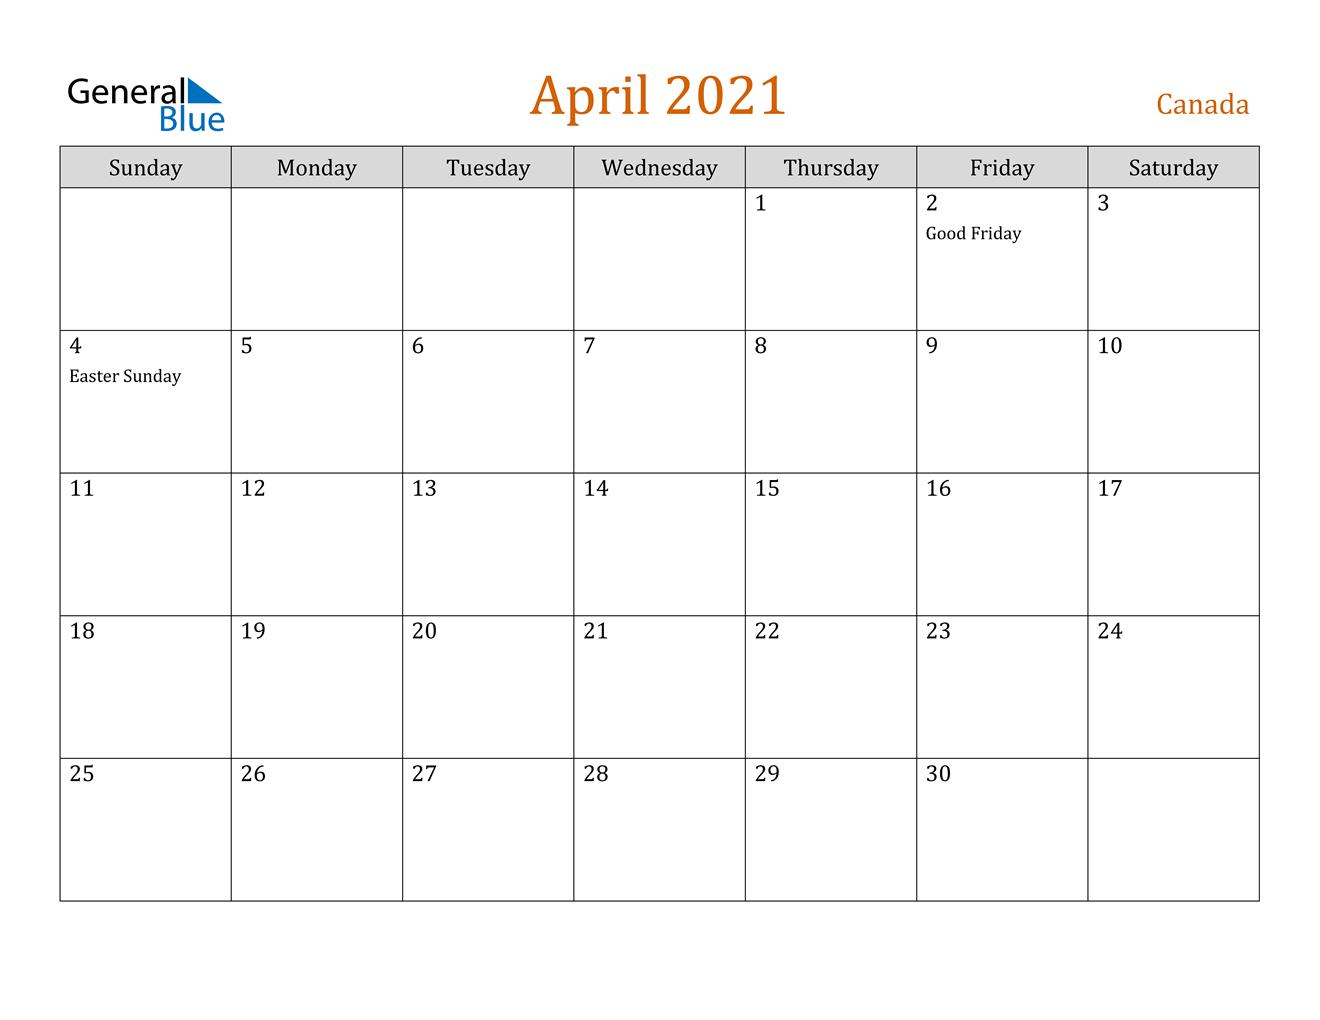 April 2021 Calendar - Canada